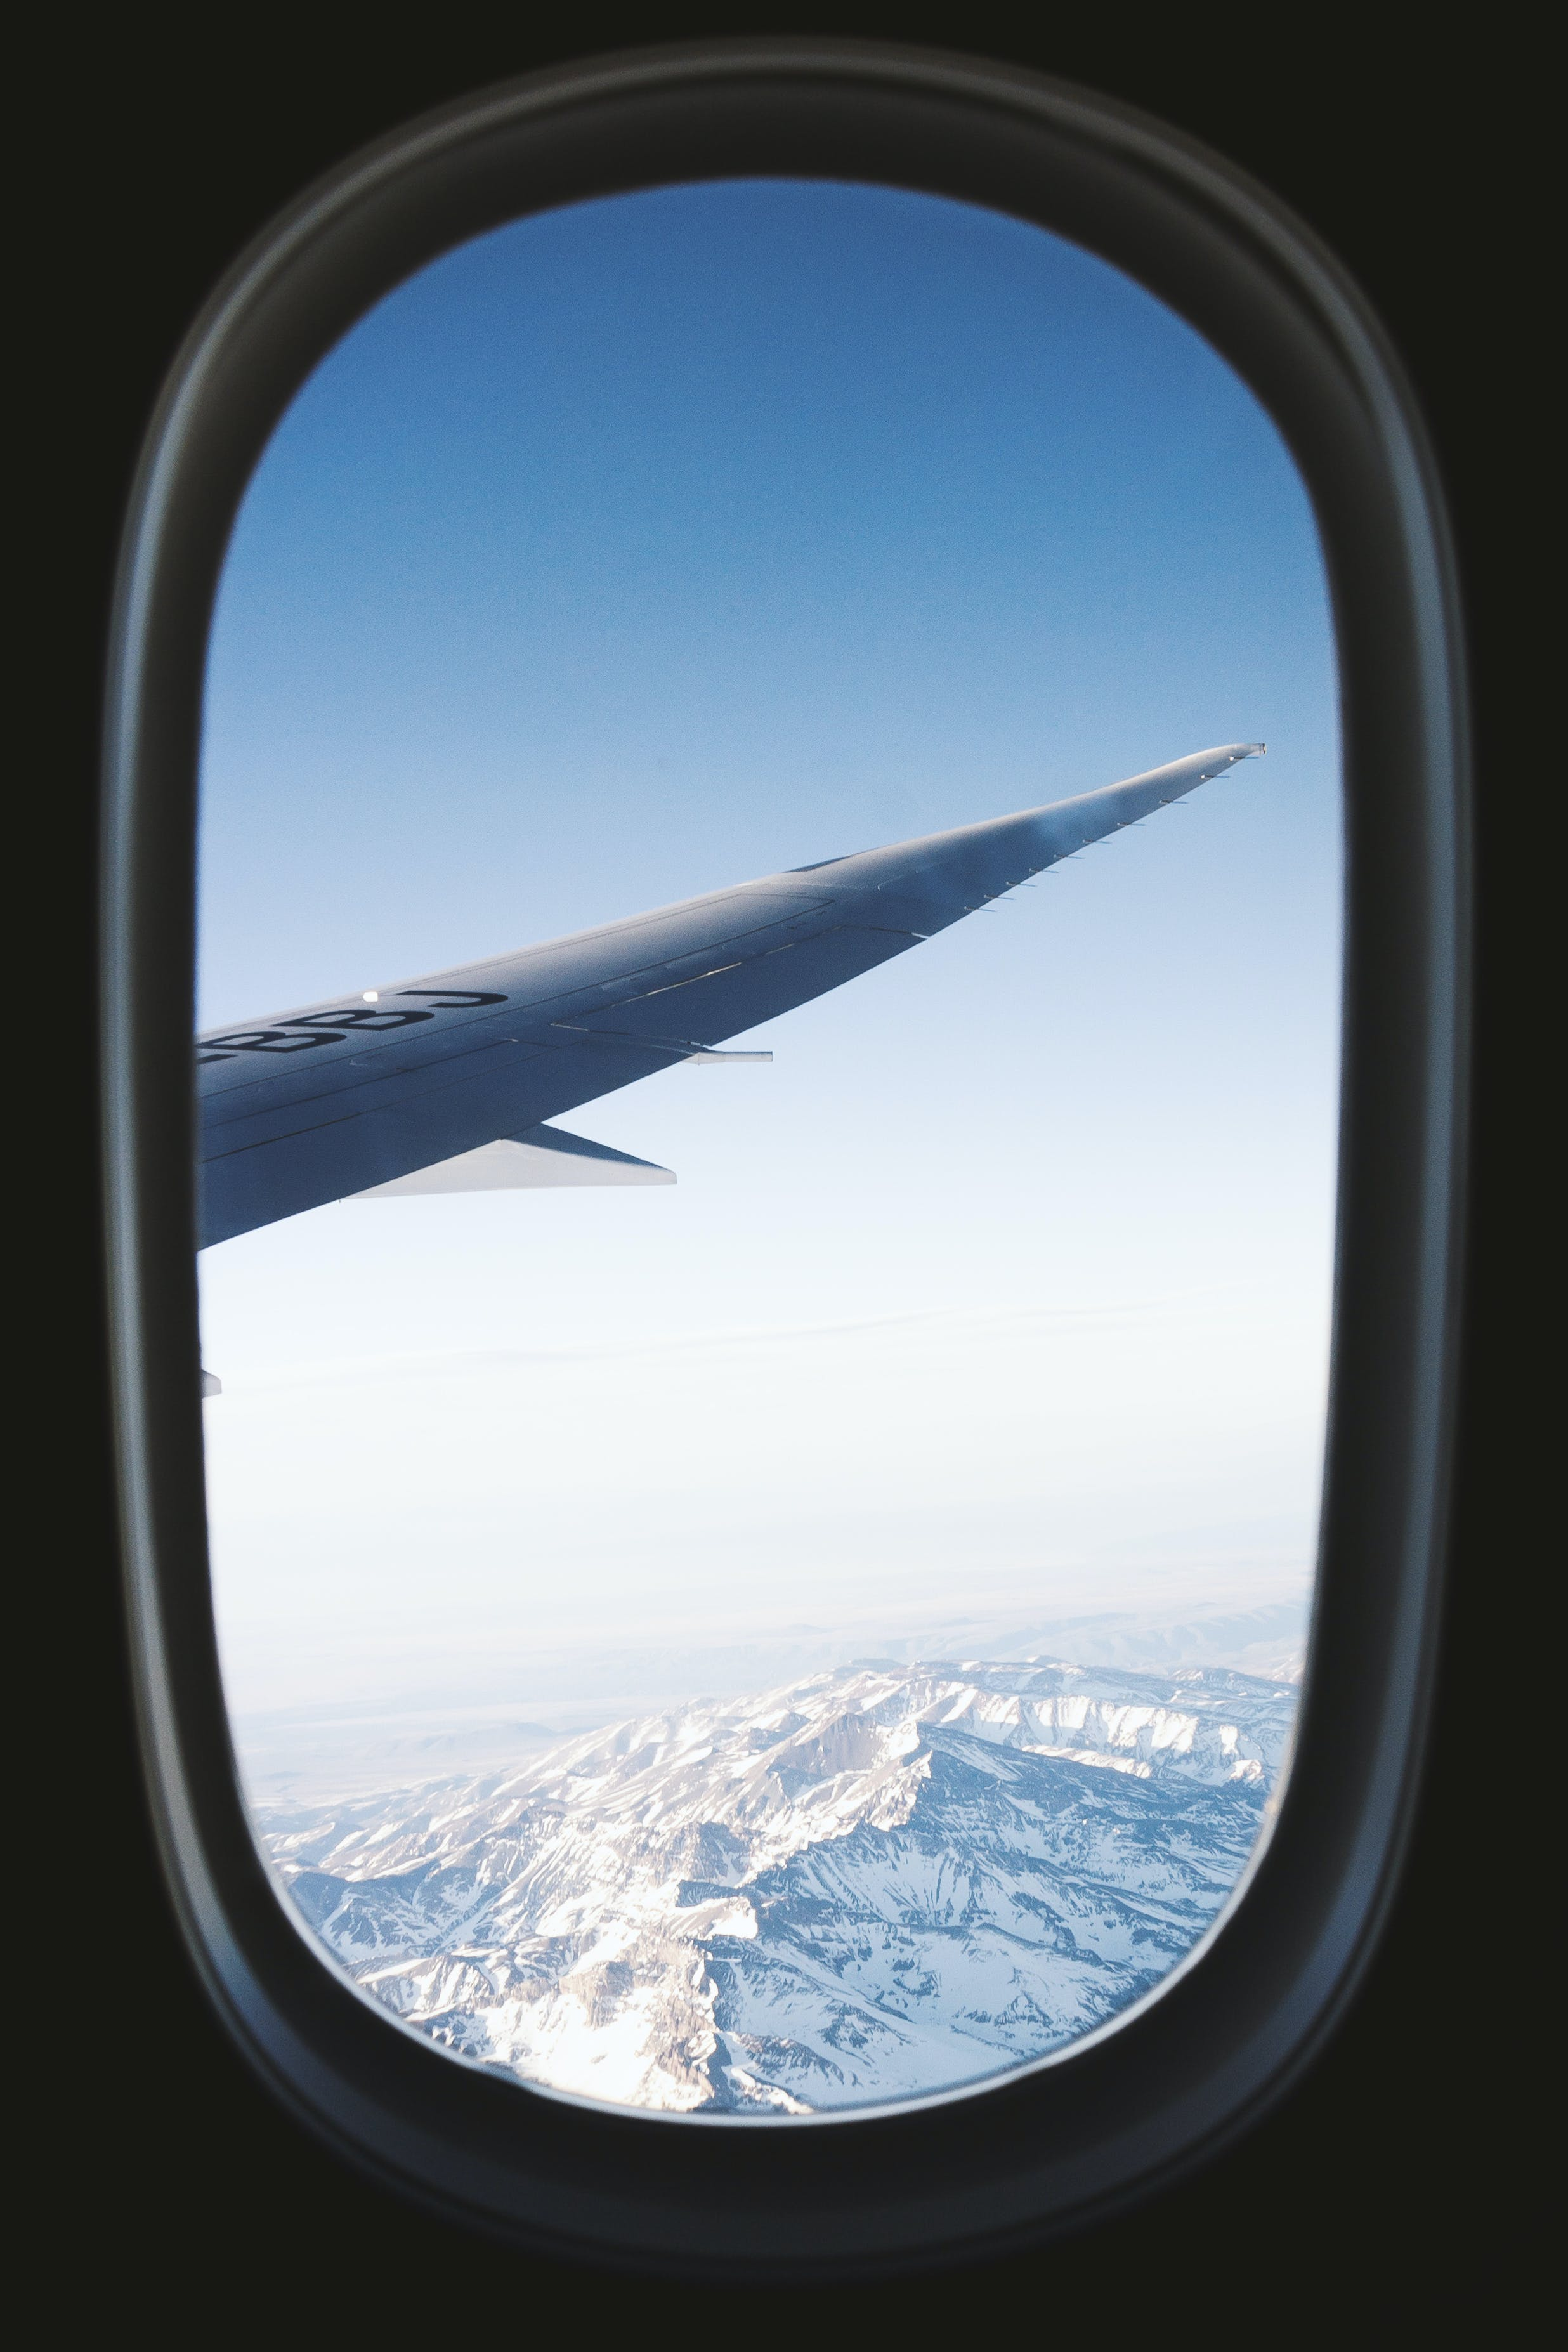 天空, 山, 航空, 航空器 的 免費圖庫相片